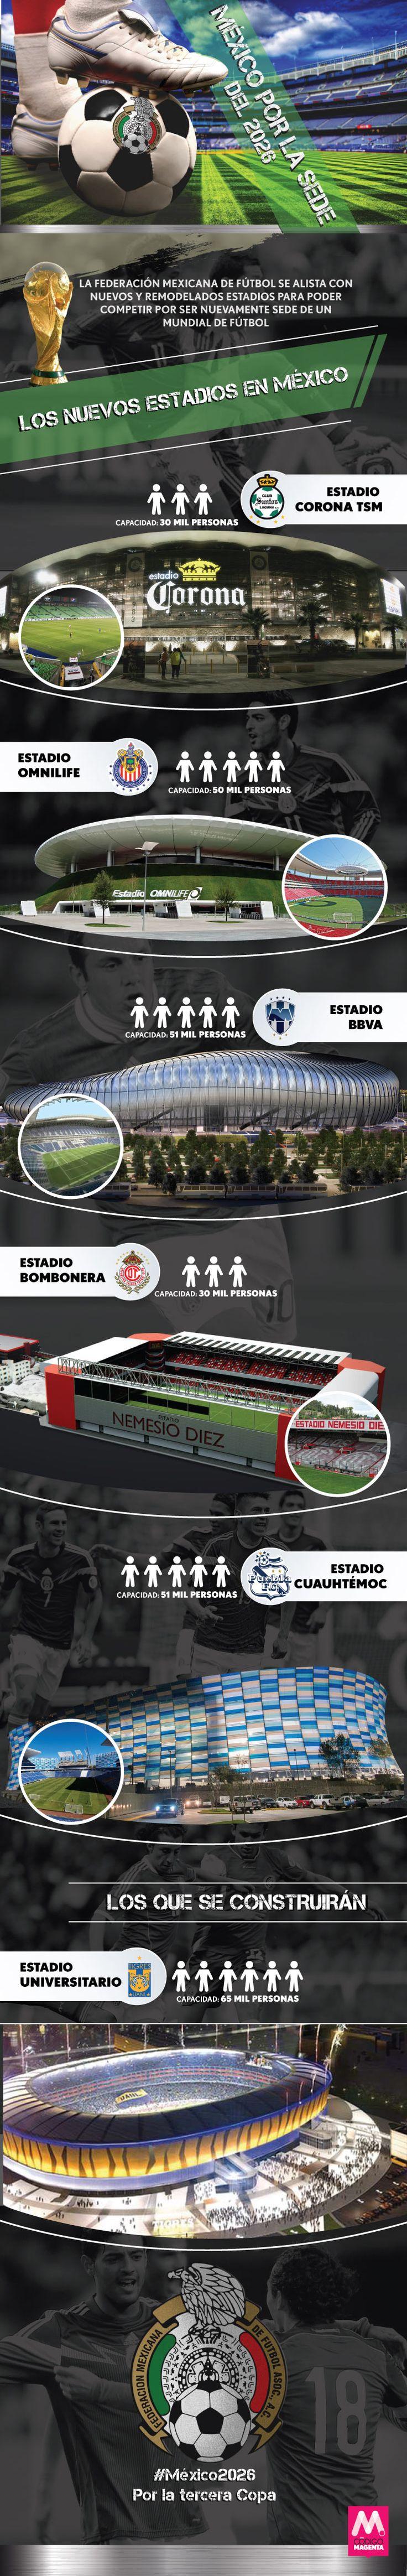 México 2026: ¿Nos traemos el Mundial? La Federación Mexicana de Futbol se alista con nuevos y remodelados estadios para poder competir por ser nuevamente sede de un Mundial de Futbol